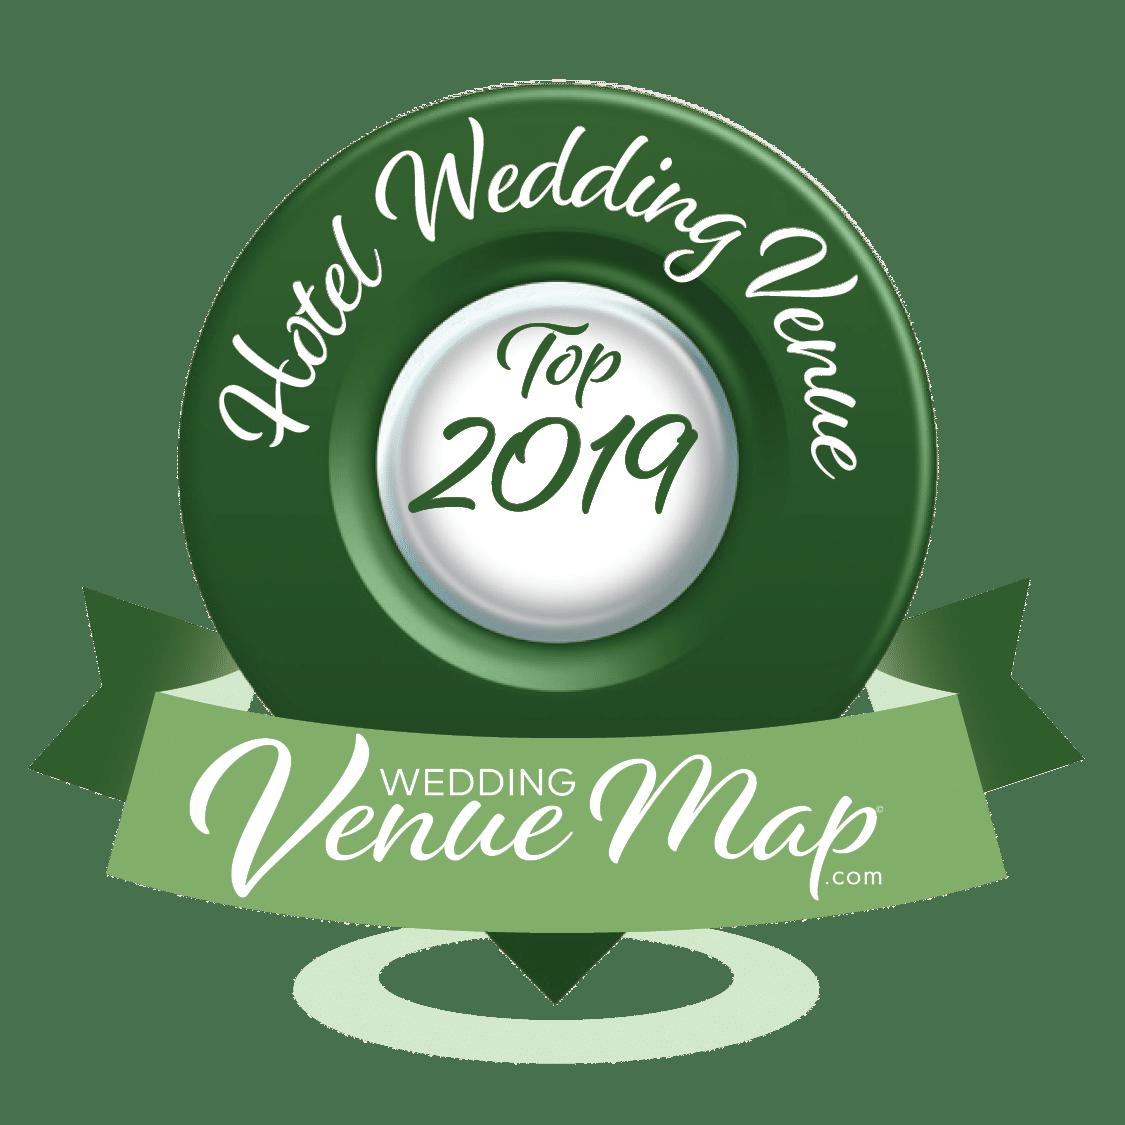 2019 Top Hotel/Resort Wedding Venues - Wedding Venue Map